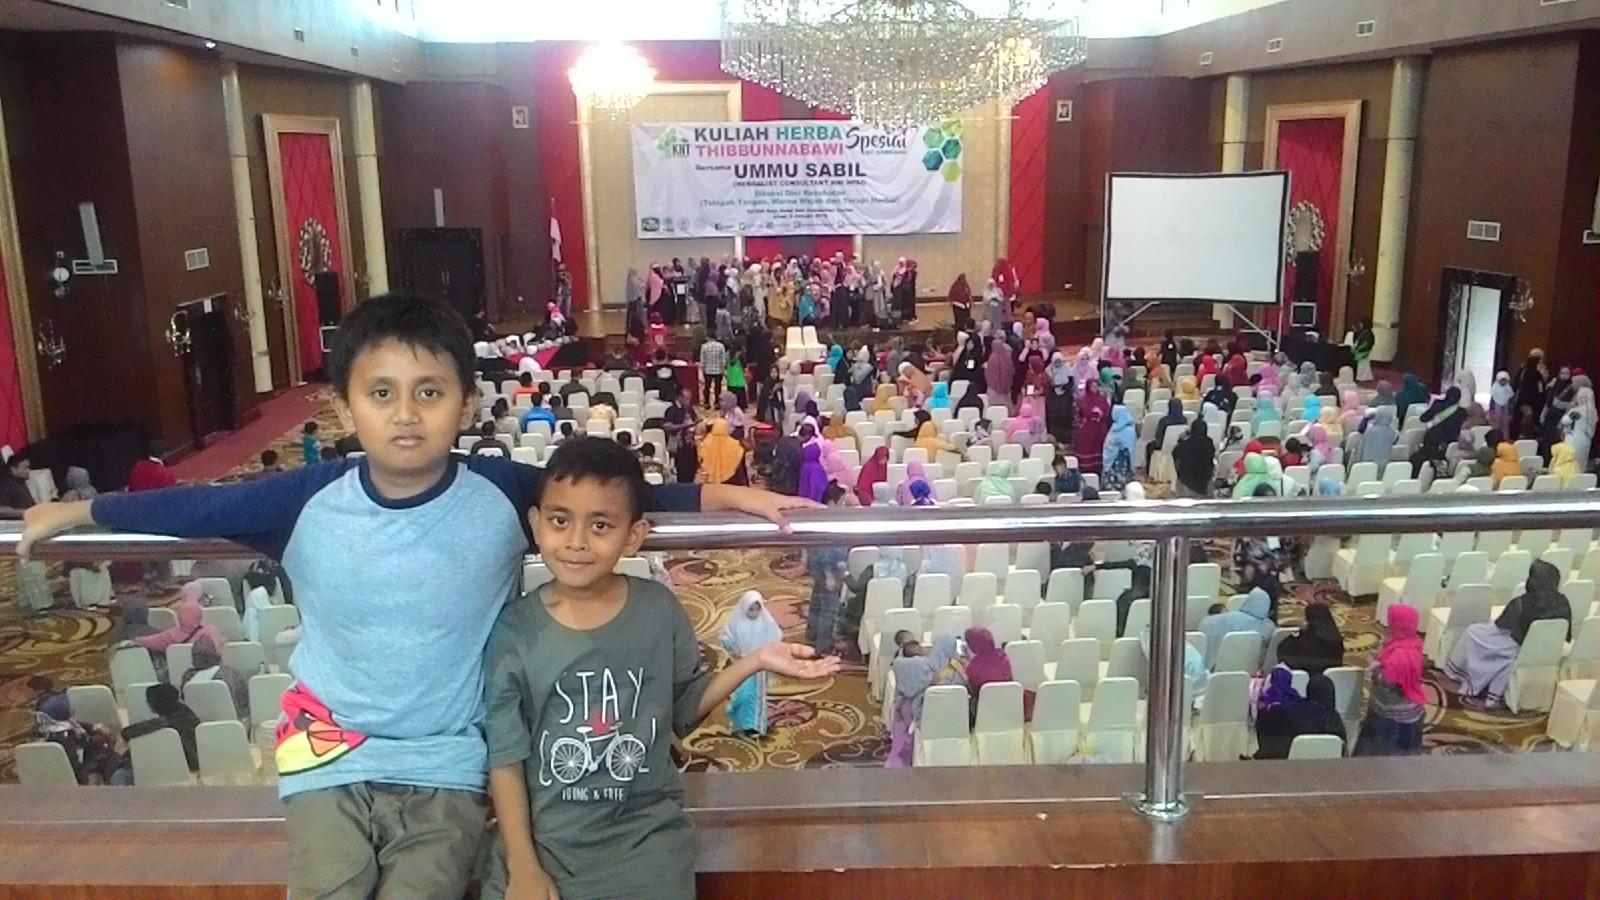 Peluang Bisnis Online Syariah di Aceh – Modal Kecil Untung Besar